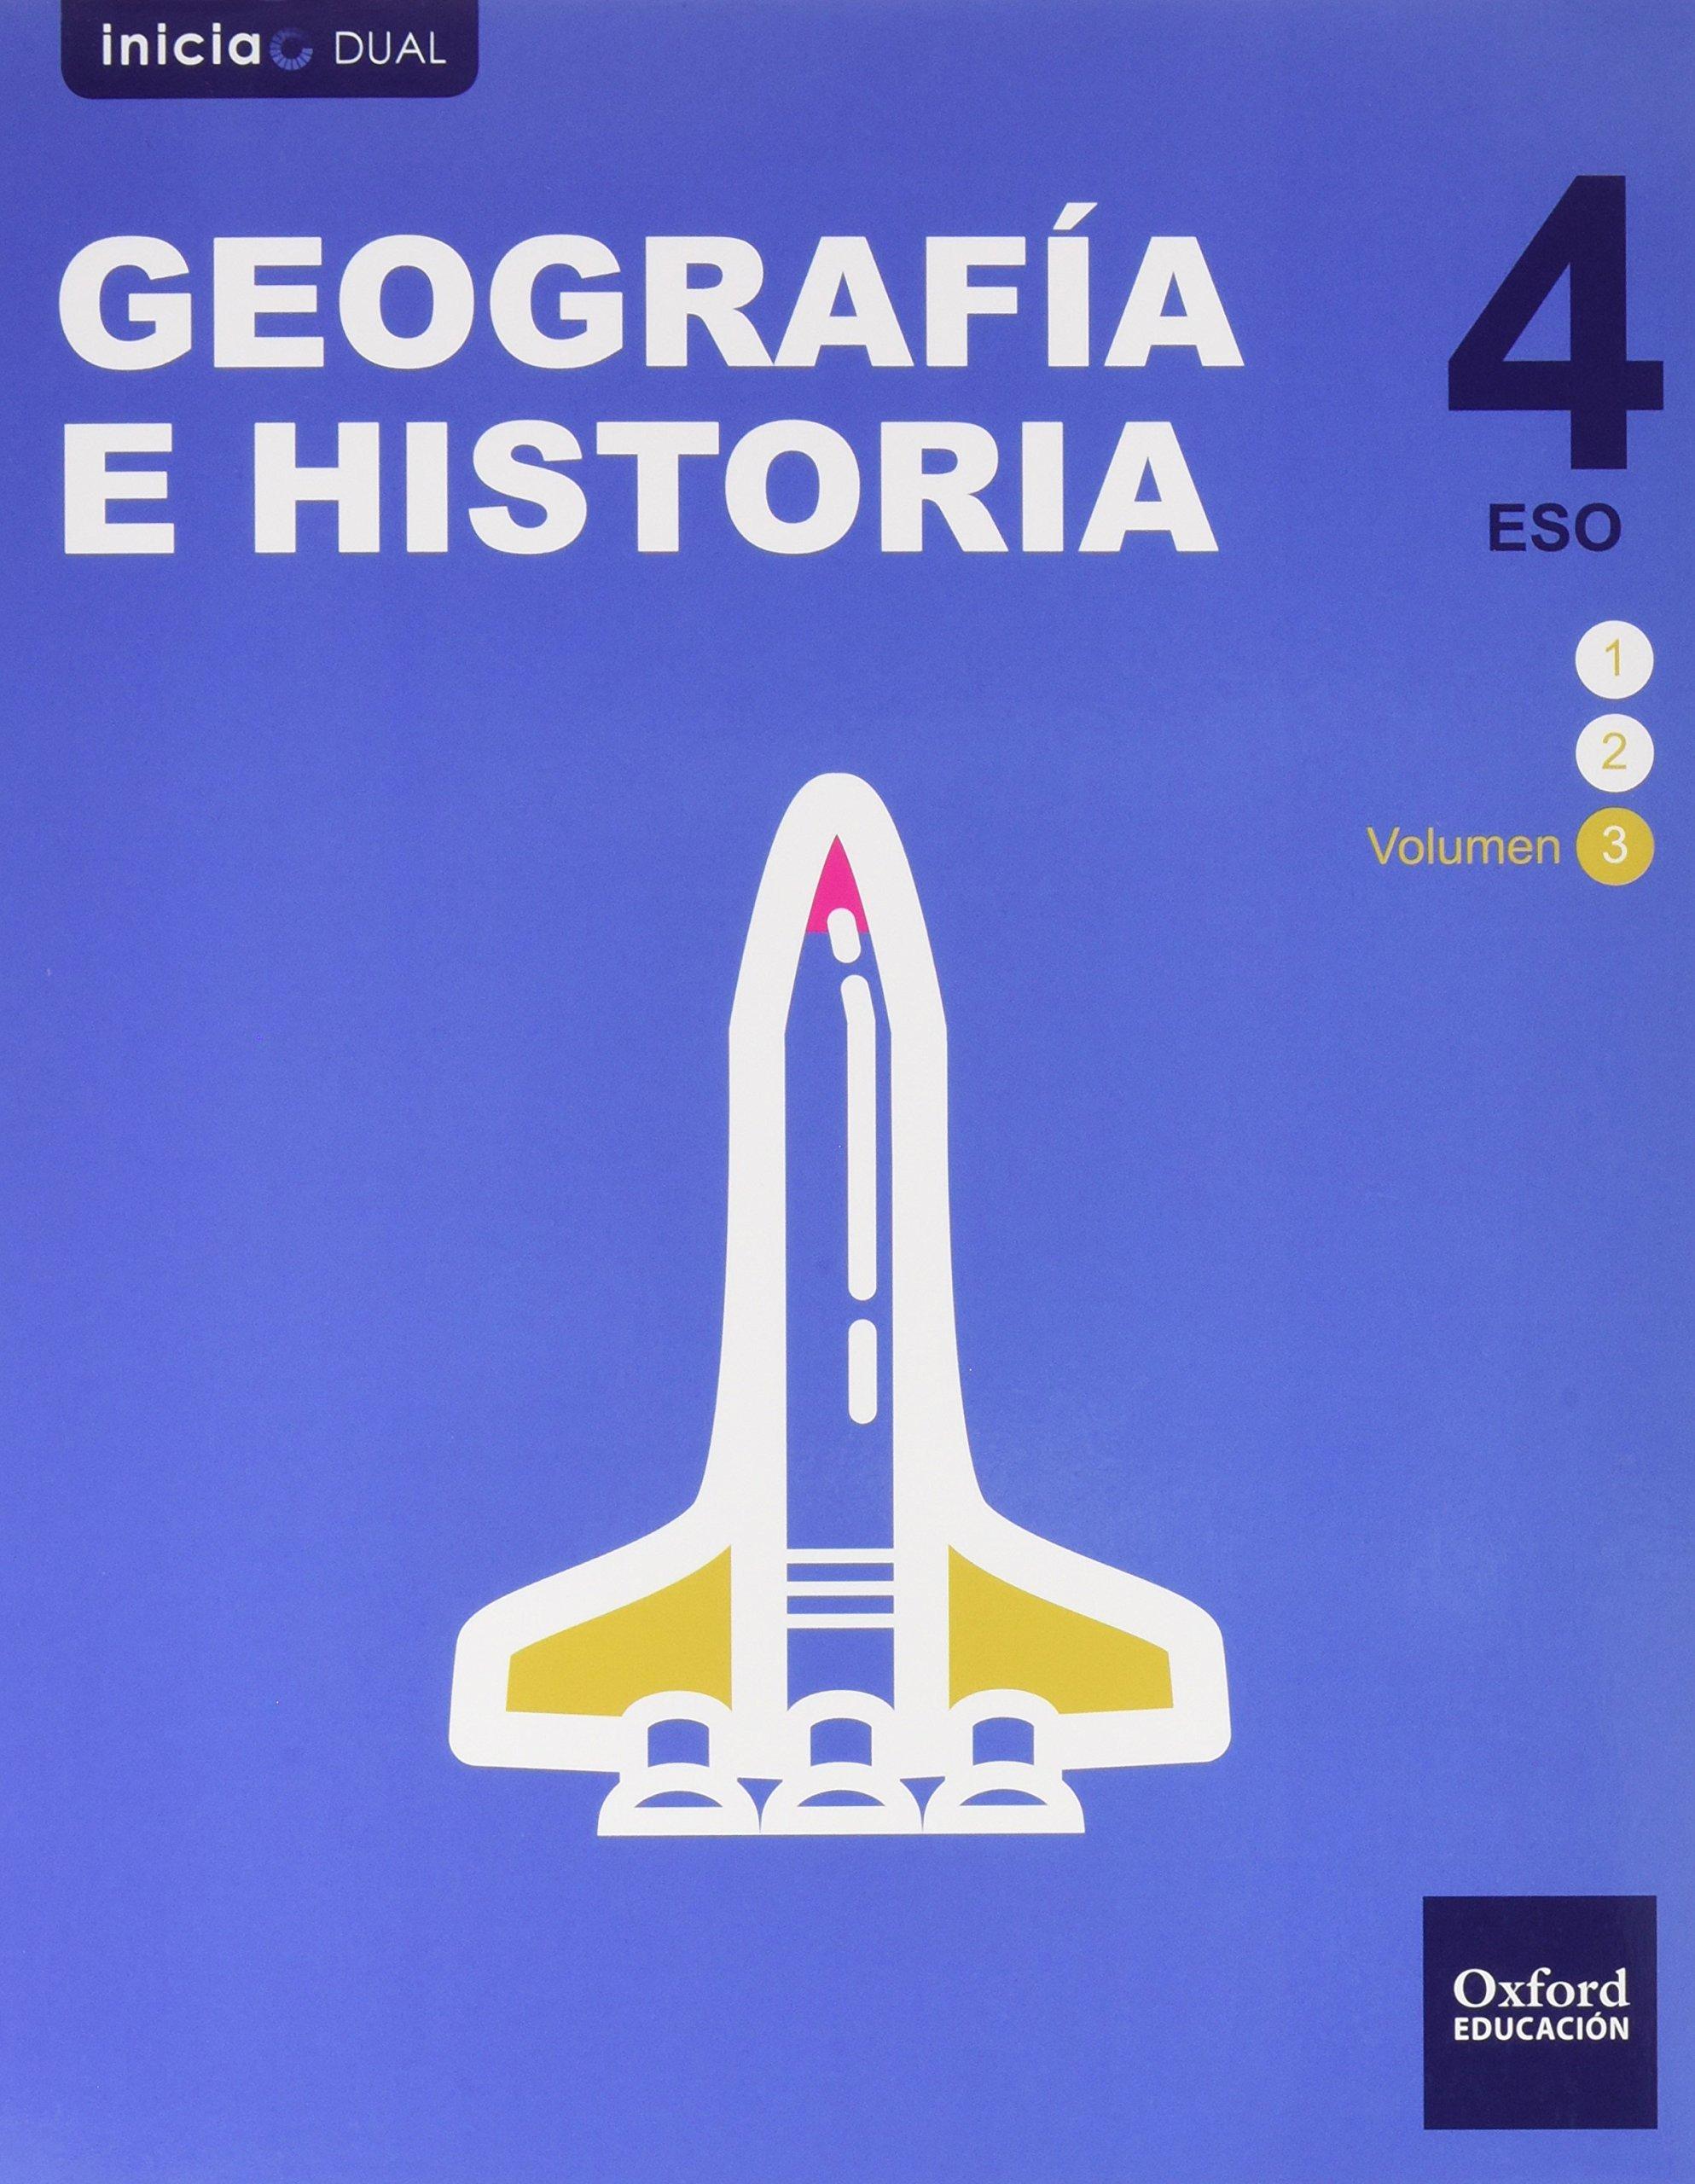 Pack Inicia Dual Geografía E Historia. Libro Del Alumno - 4º ESO - 9780190503420: Amazon.es: Varios Autores: Libros